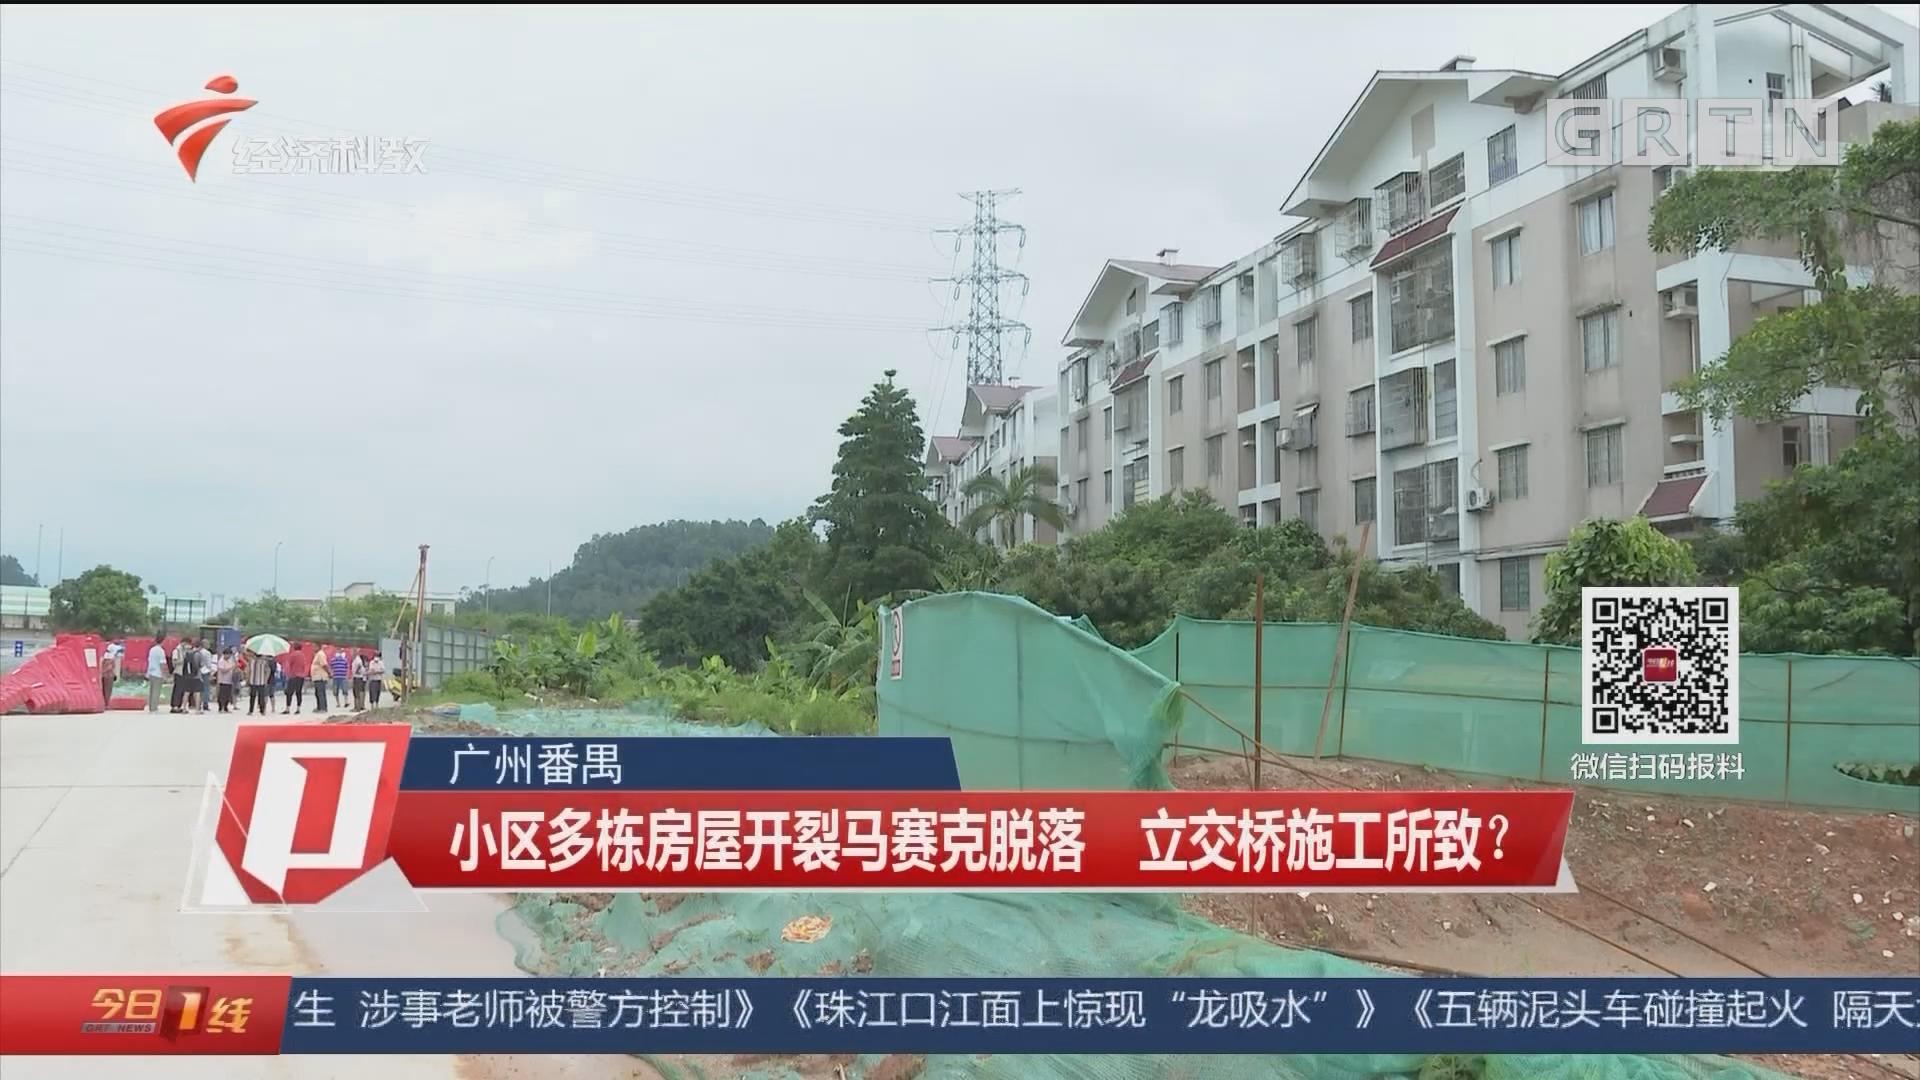 广州番禺:小区多栋房屋开裂马赛克脱落 立交桥施工所致?